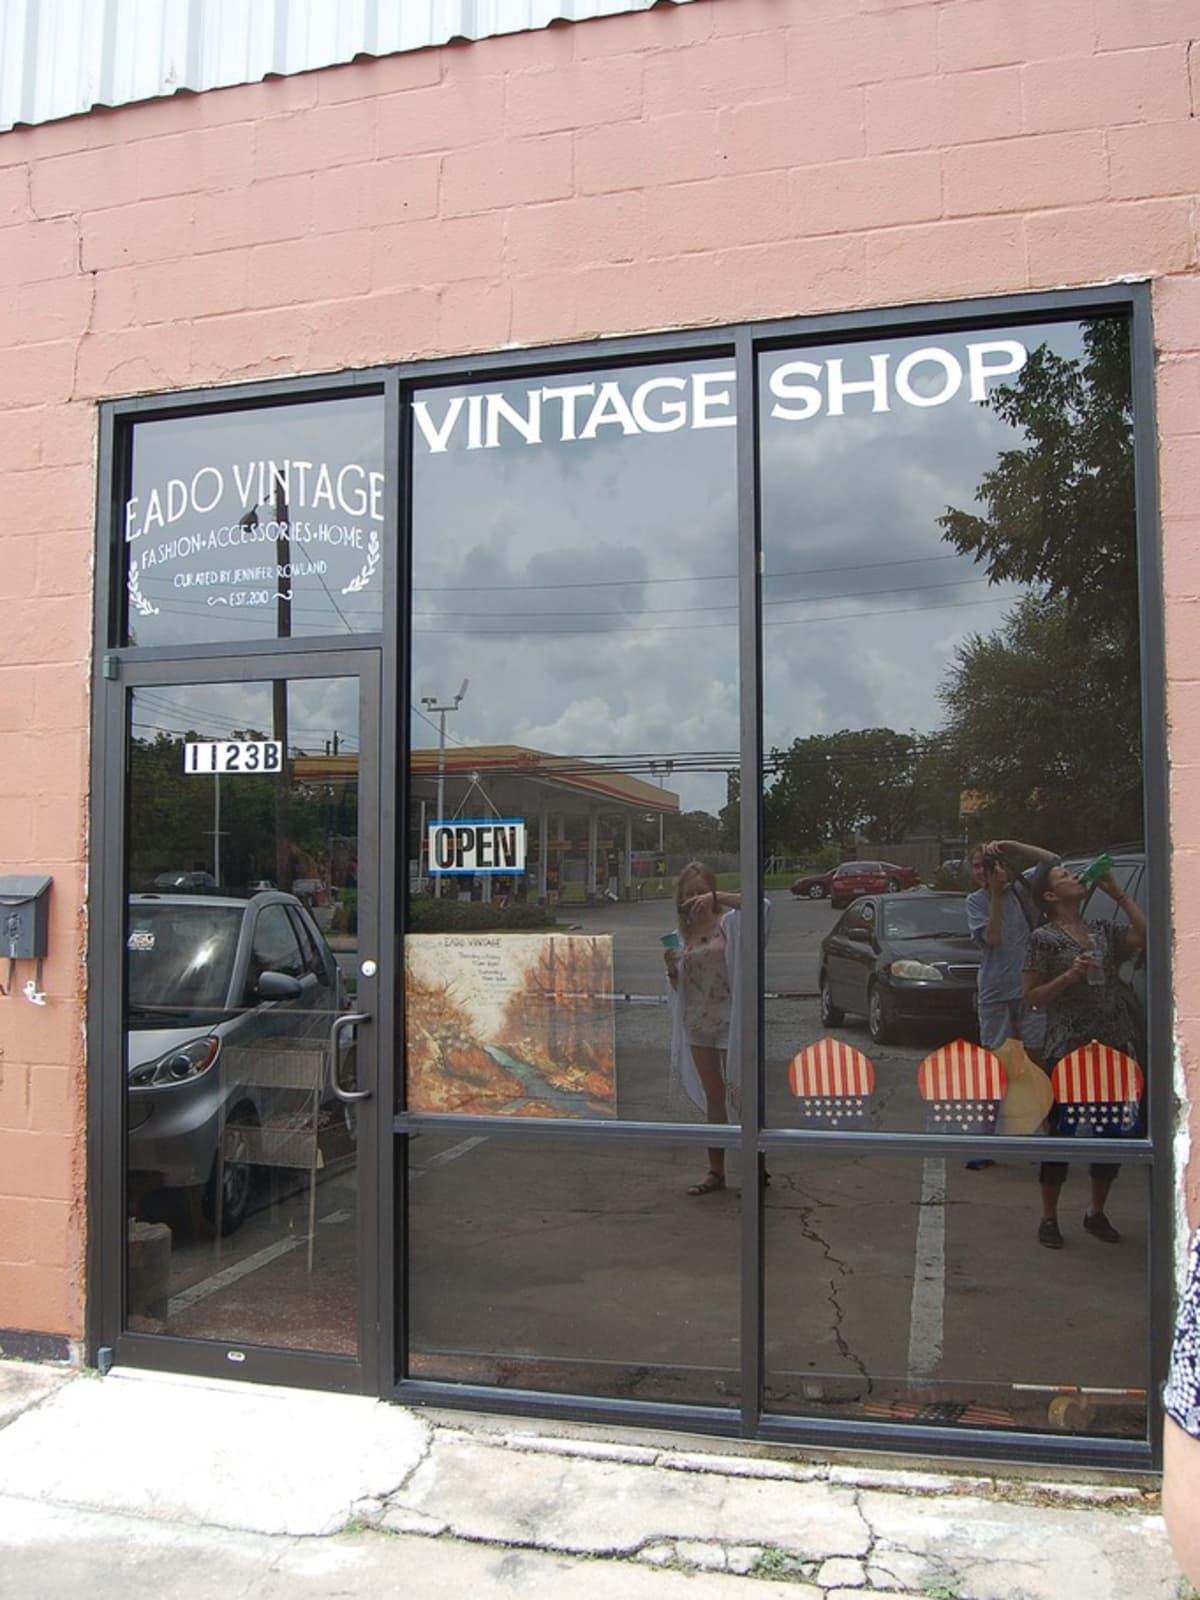 Eado Vintage shop